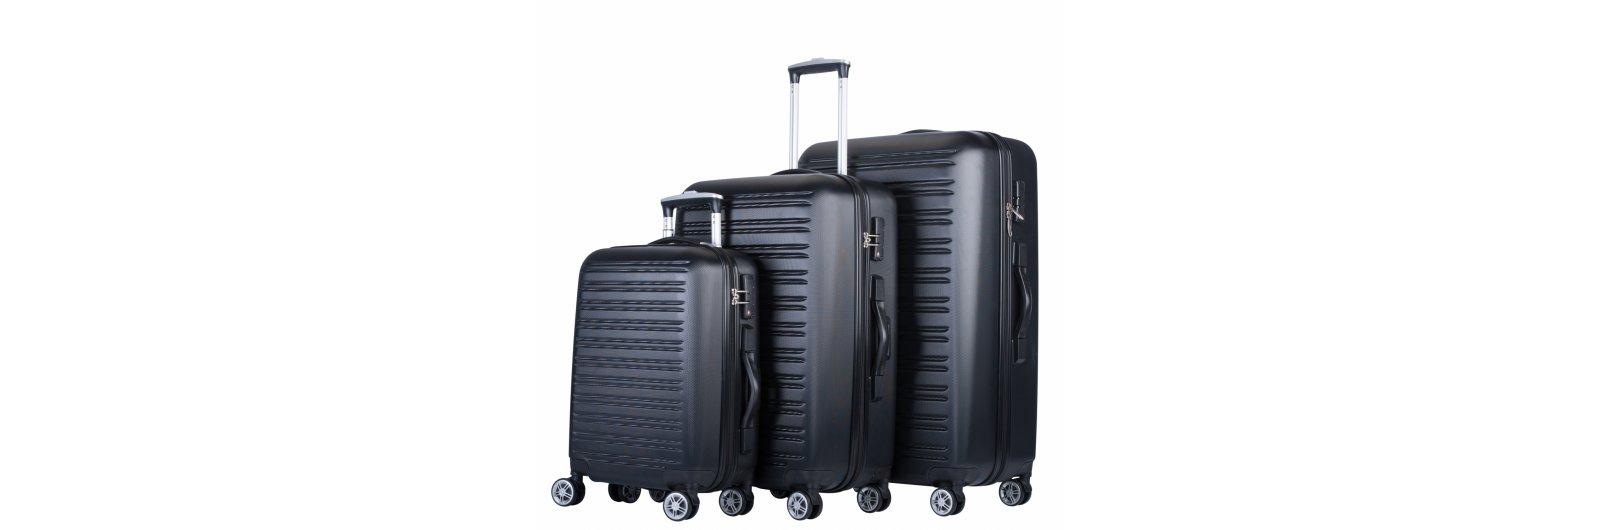 bon gout kuffert tilbud